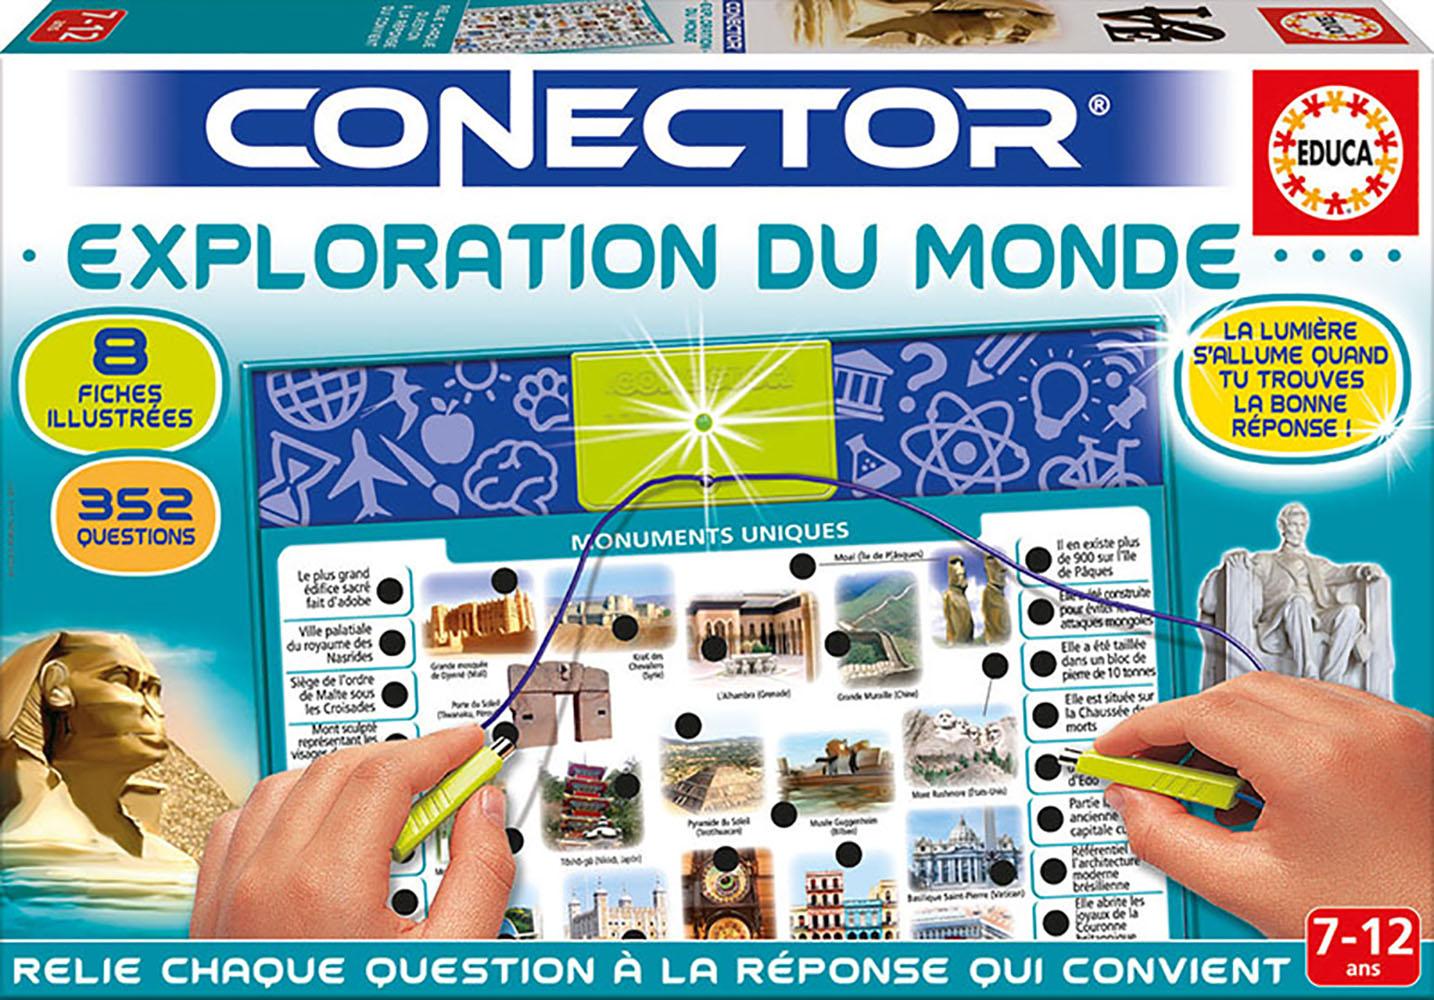 Conector Exploration du monde